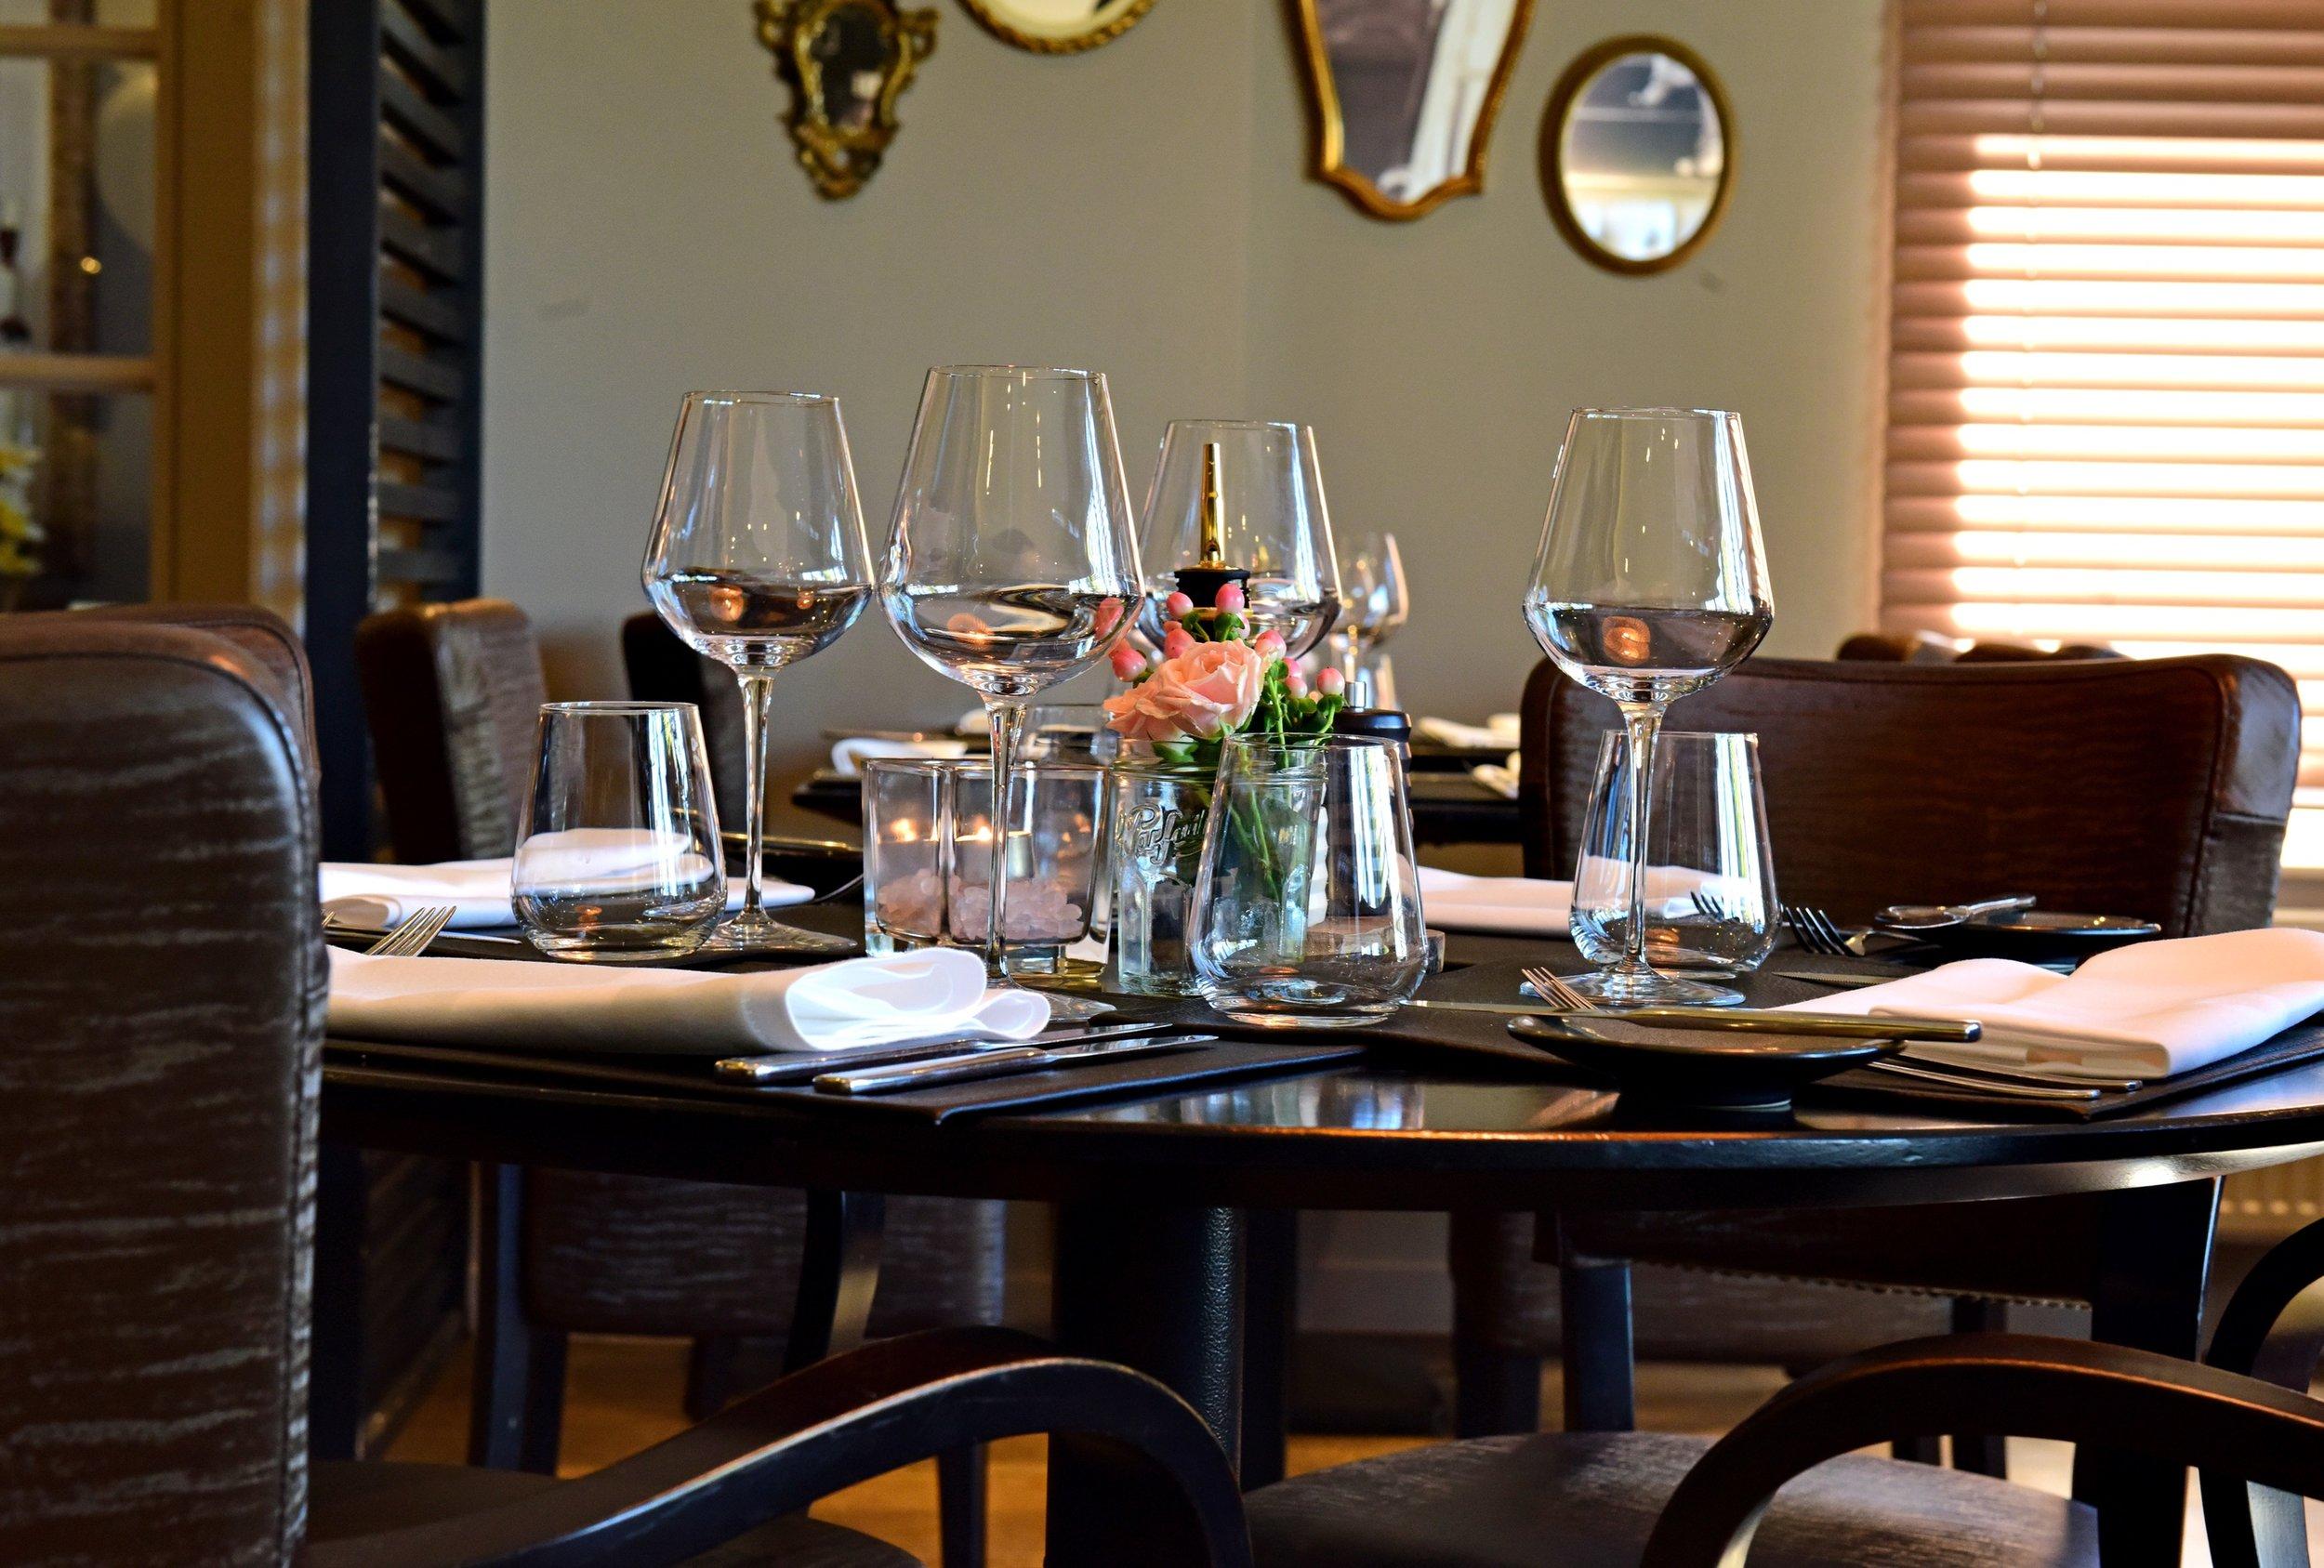 3 bistro marron deinze tablefever bart albrecht culinair fotograaf.jpg